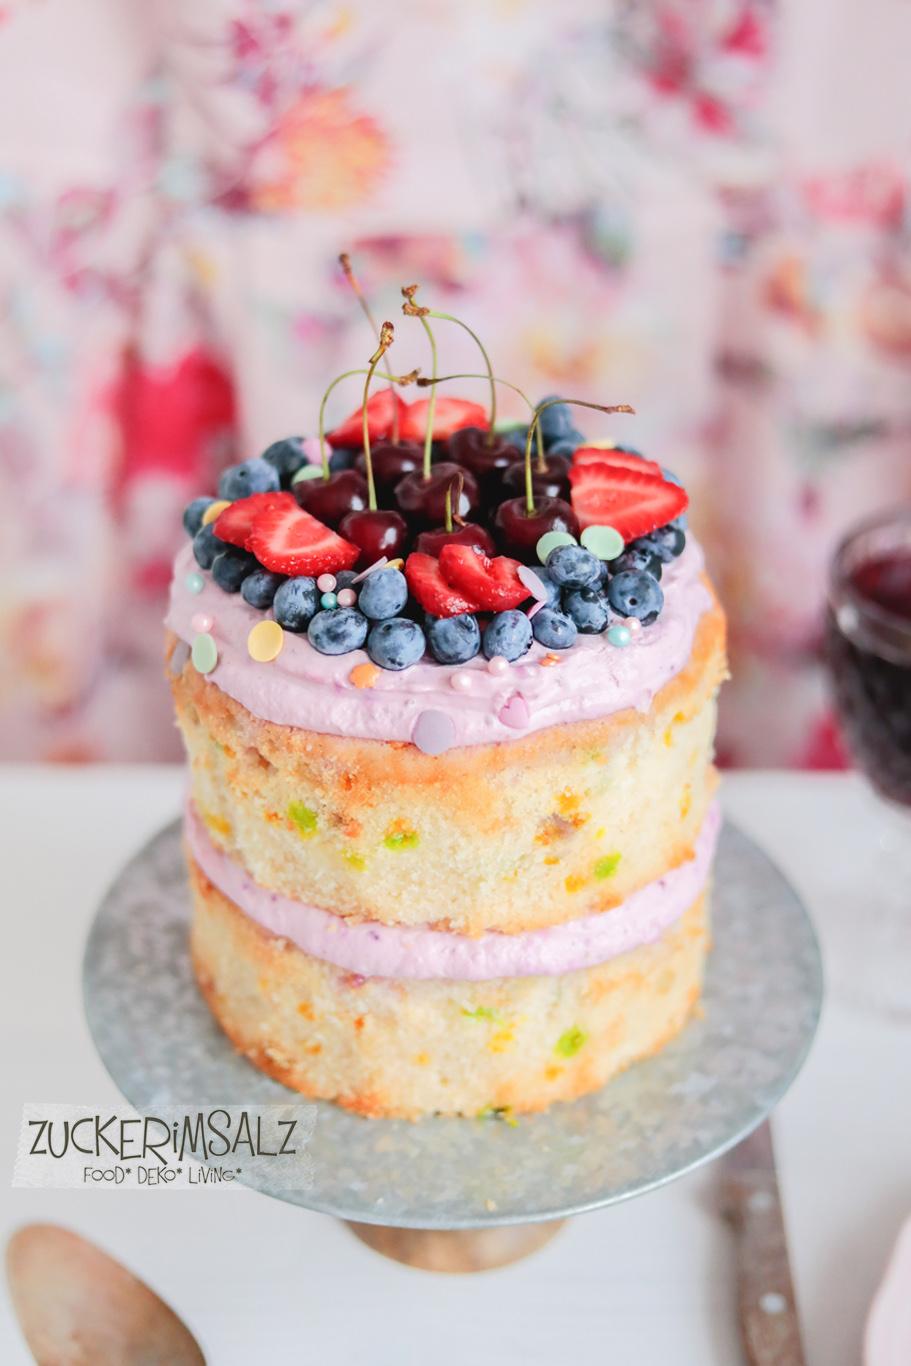 Funfetti, Konfetti, Mini, Cake, Kuchen, Torte, Törtchen, ohne Eigelb, Bananen, Kirschen, Erdbeeren, Blaubeeren, frisch, fruchtig, Frischkäse, Sommer,